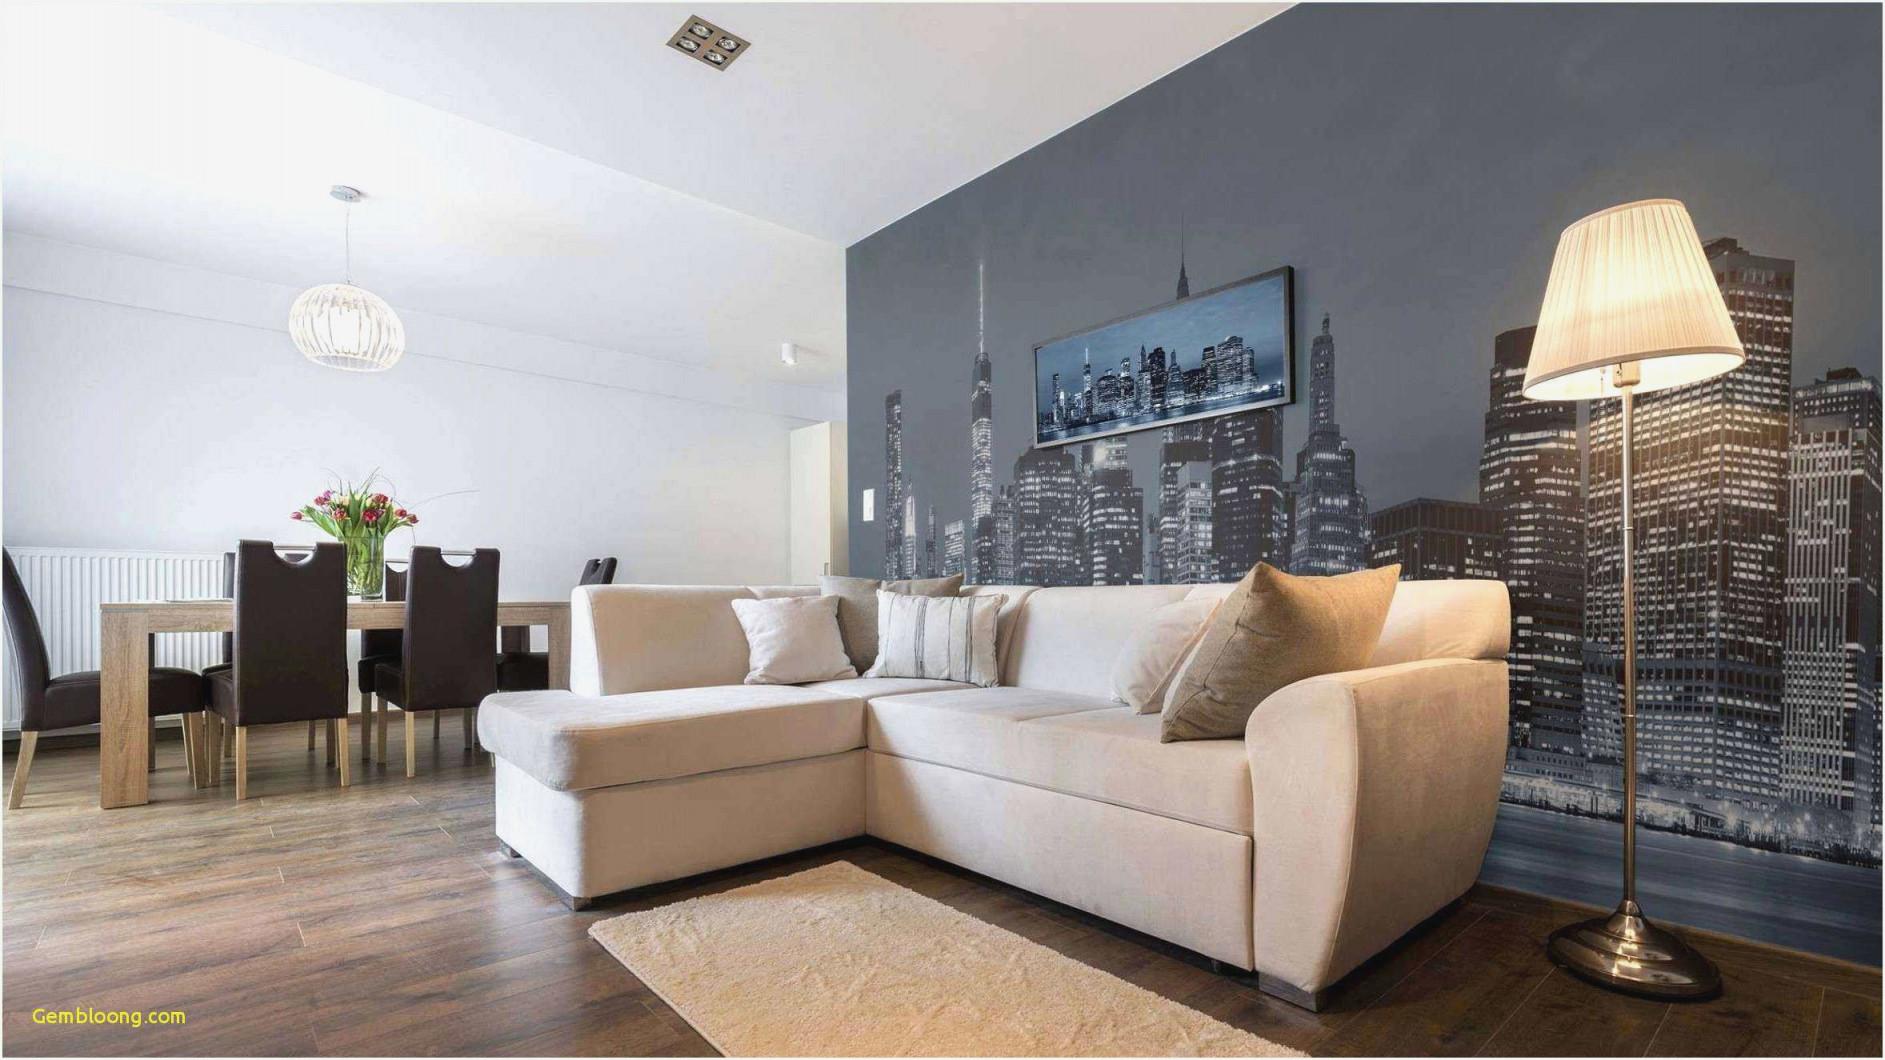 Wand Farbgestaltung Wohnzimmer – Caseconrad von Wohnzimmer Ideen Farbgestaltung Bild